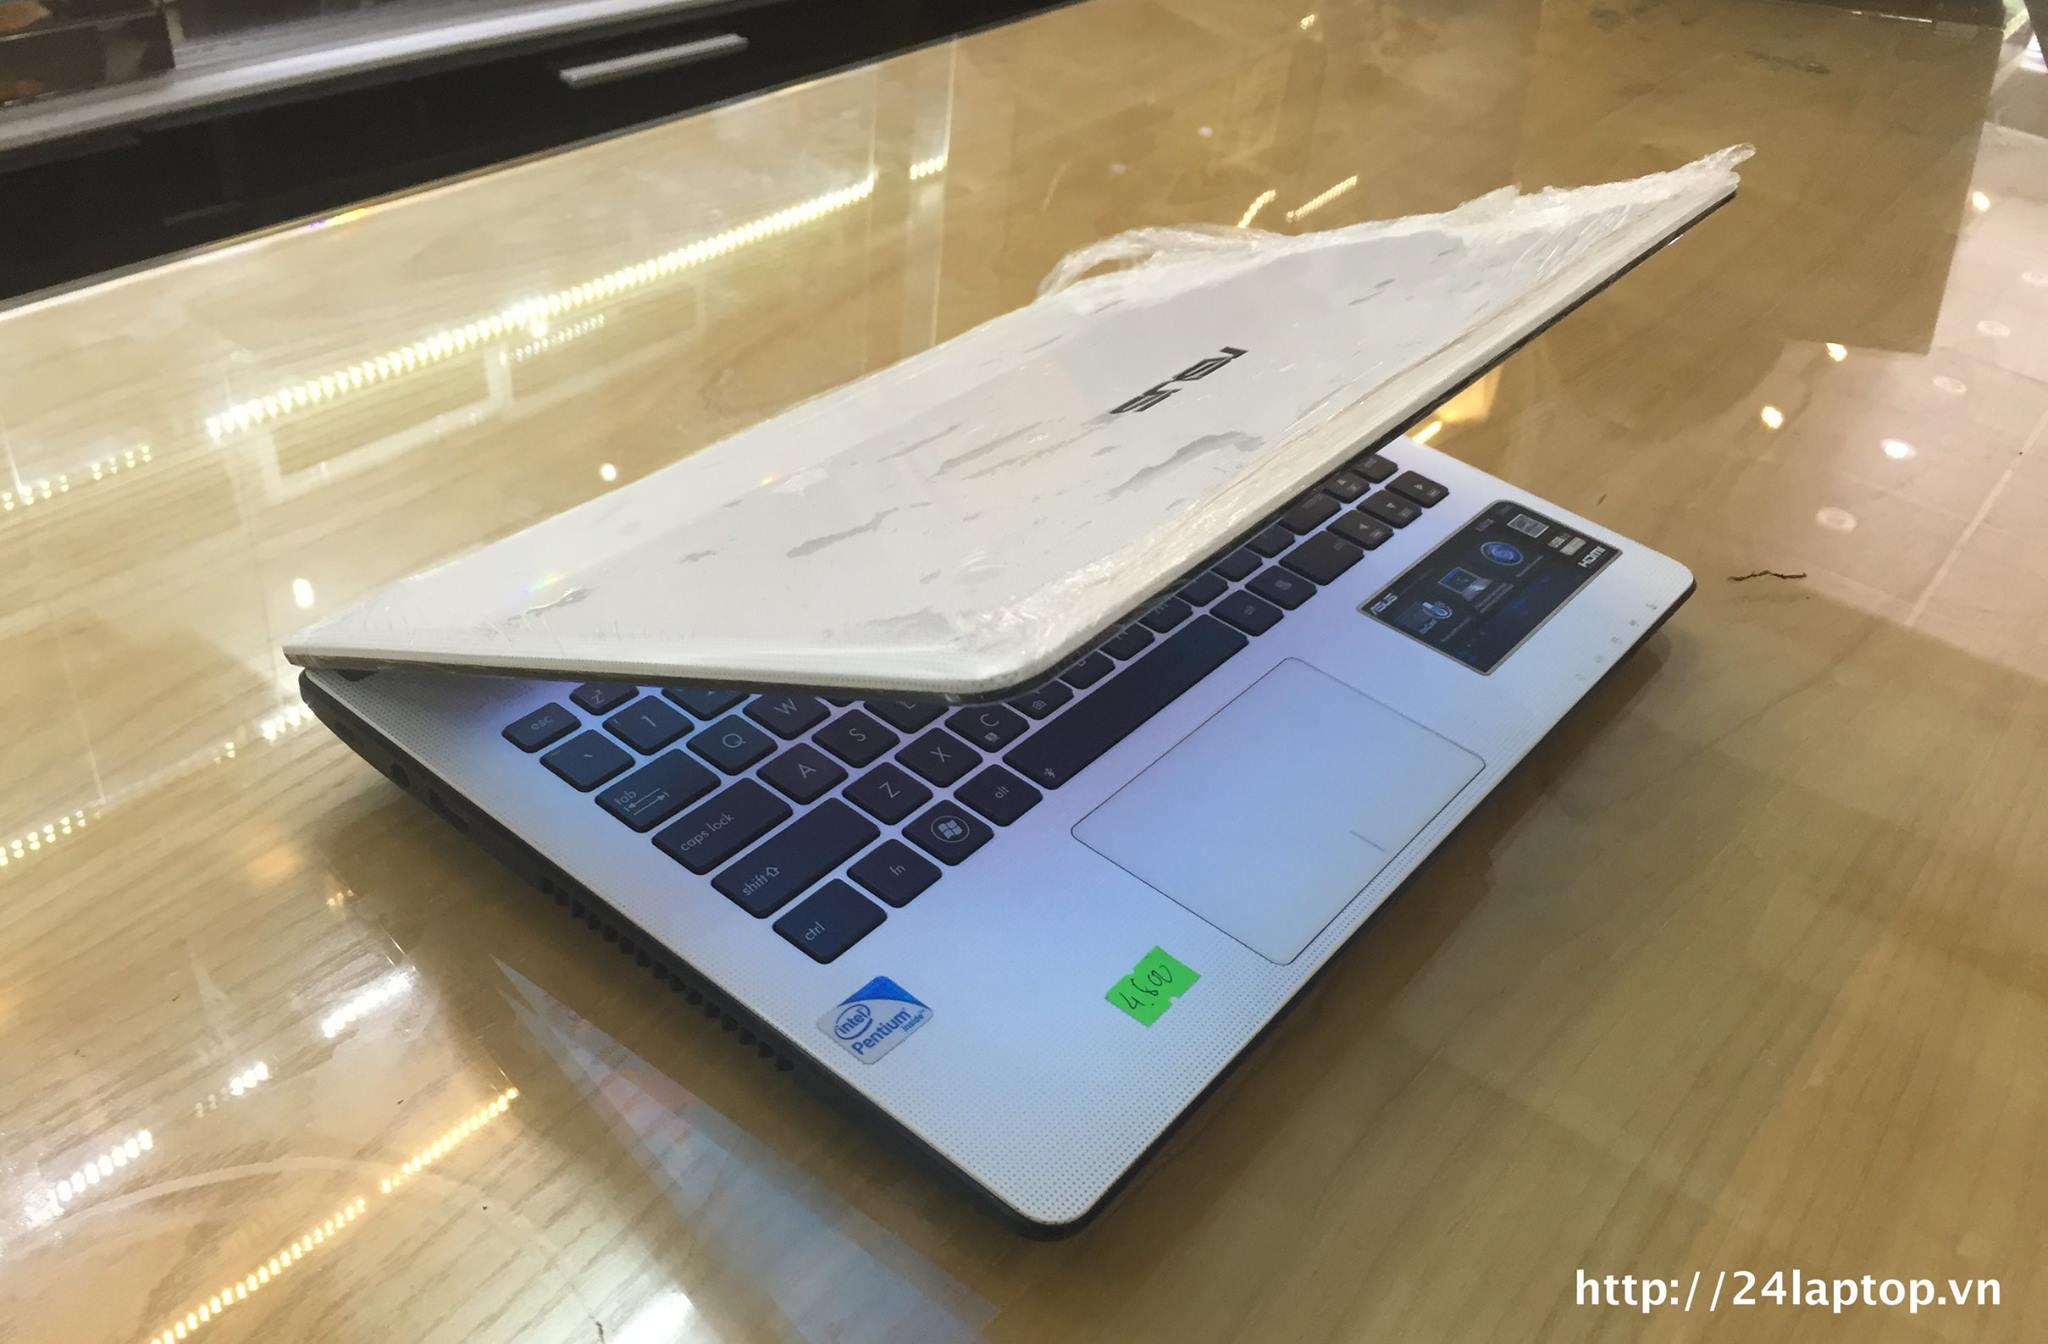 Laptop Asus Mau Trang Laptop Asus X401 Màu Trắng